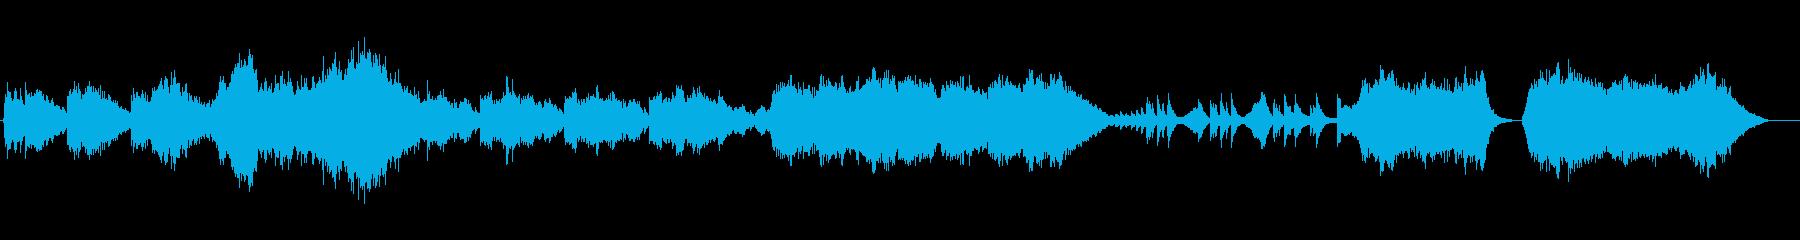 恋愛の回想シーンのBGMの再生済みの波形